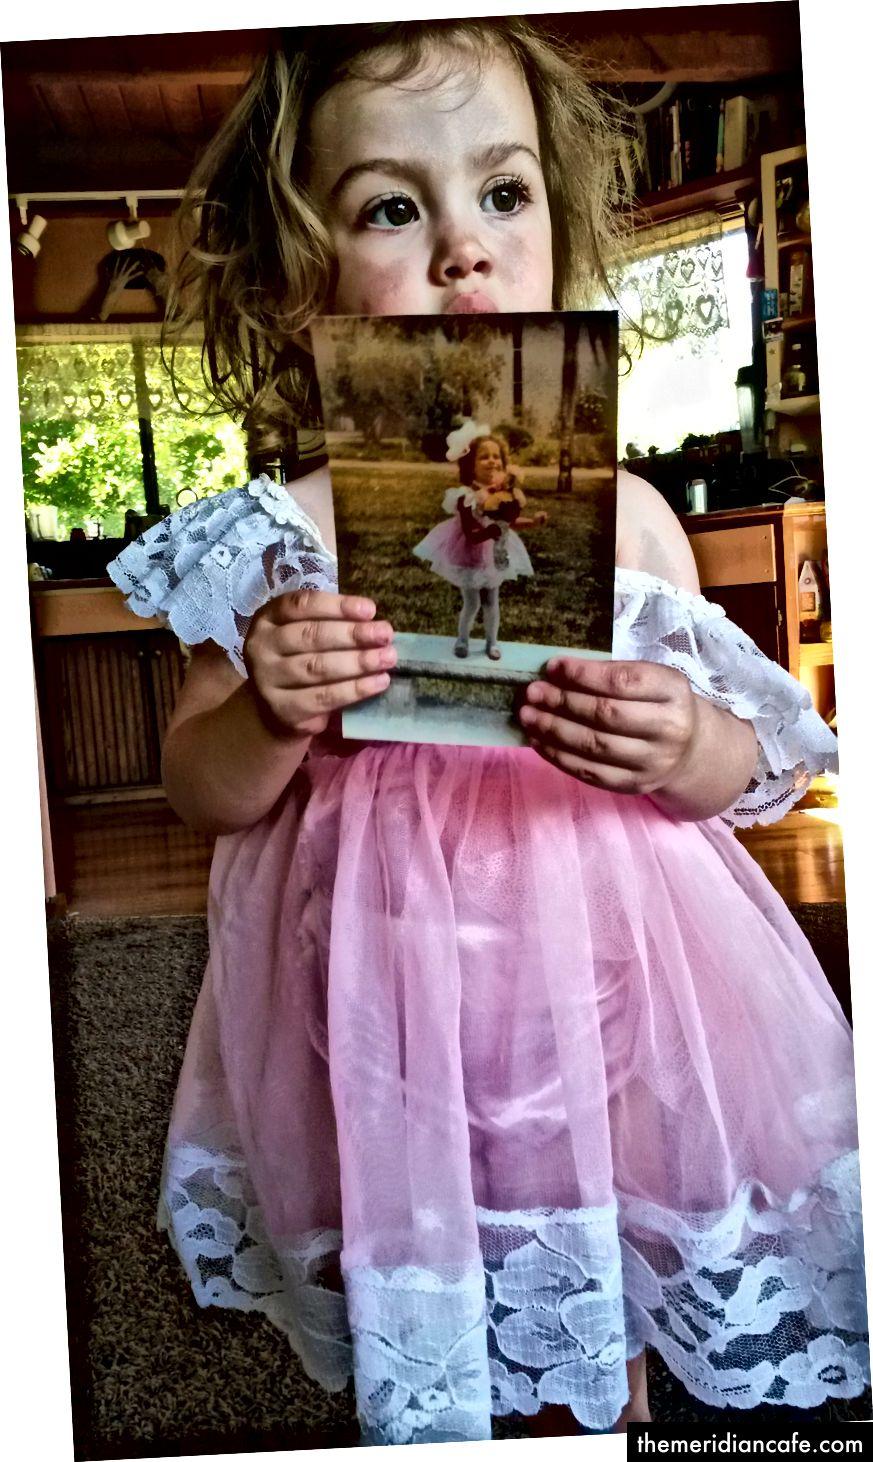 Minha filha, usando meu vestido antigo de recital, segurando uma foto minha comigo de 3 anos no dia do recital. (Crédito da foto: autor)